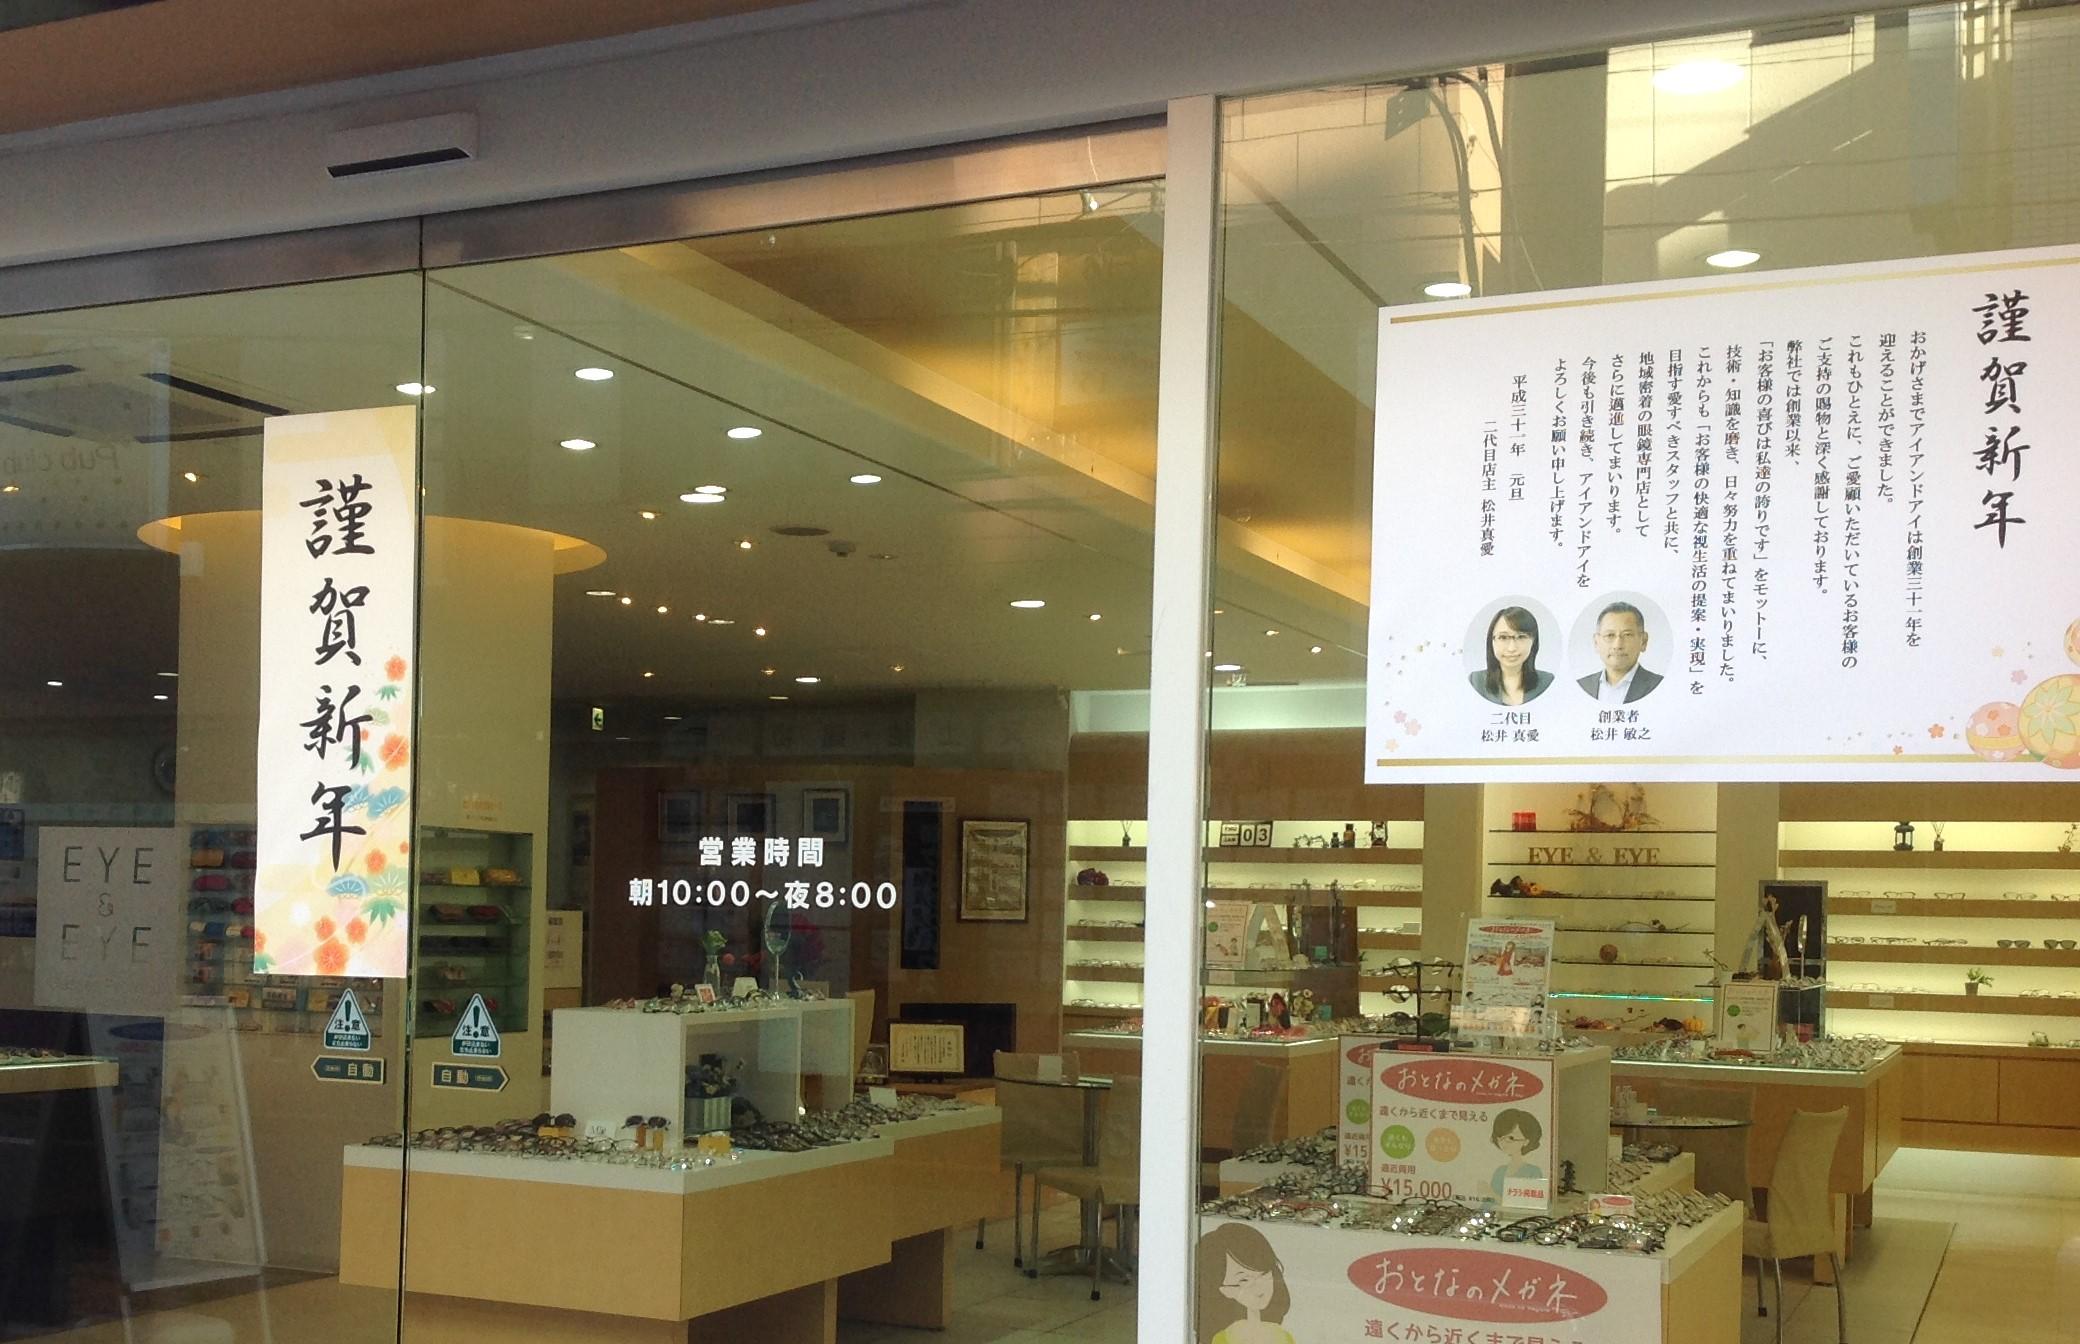 メガネ 初商い 2019年 江戸川